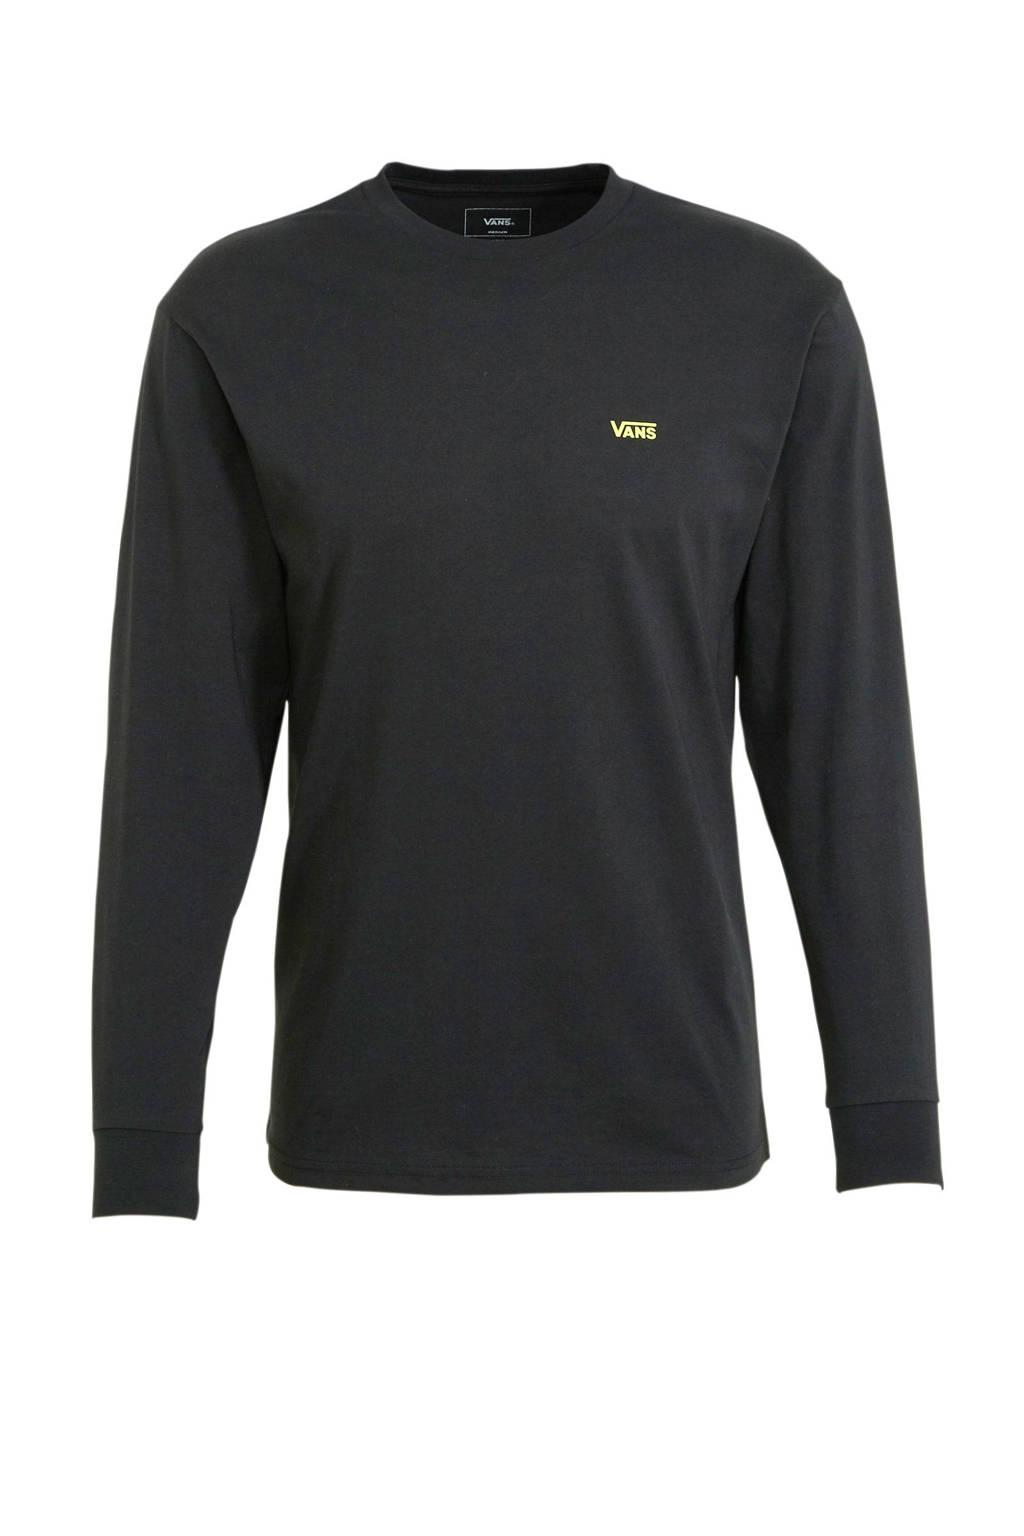 VANS T-shirt zwart, Zwart